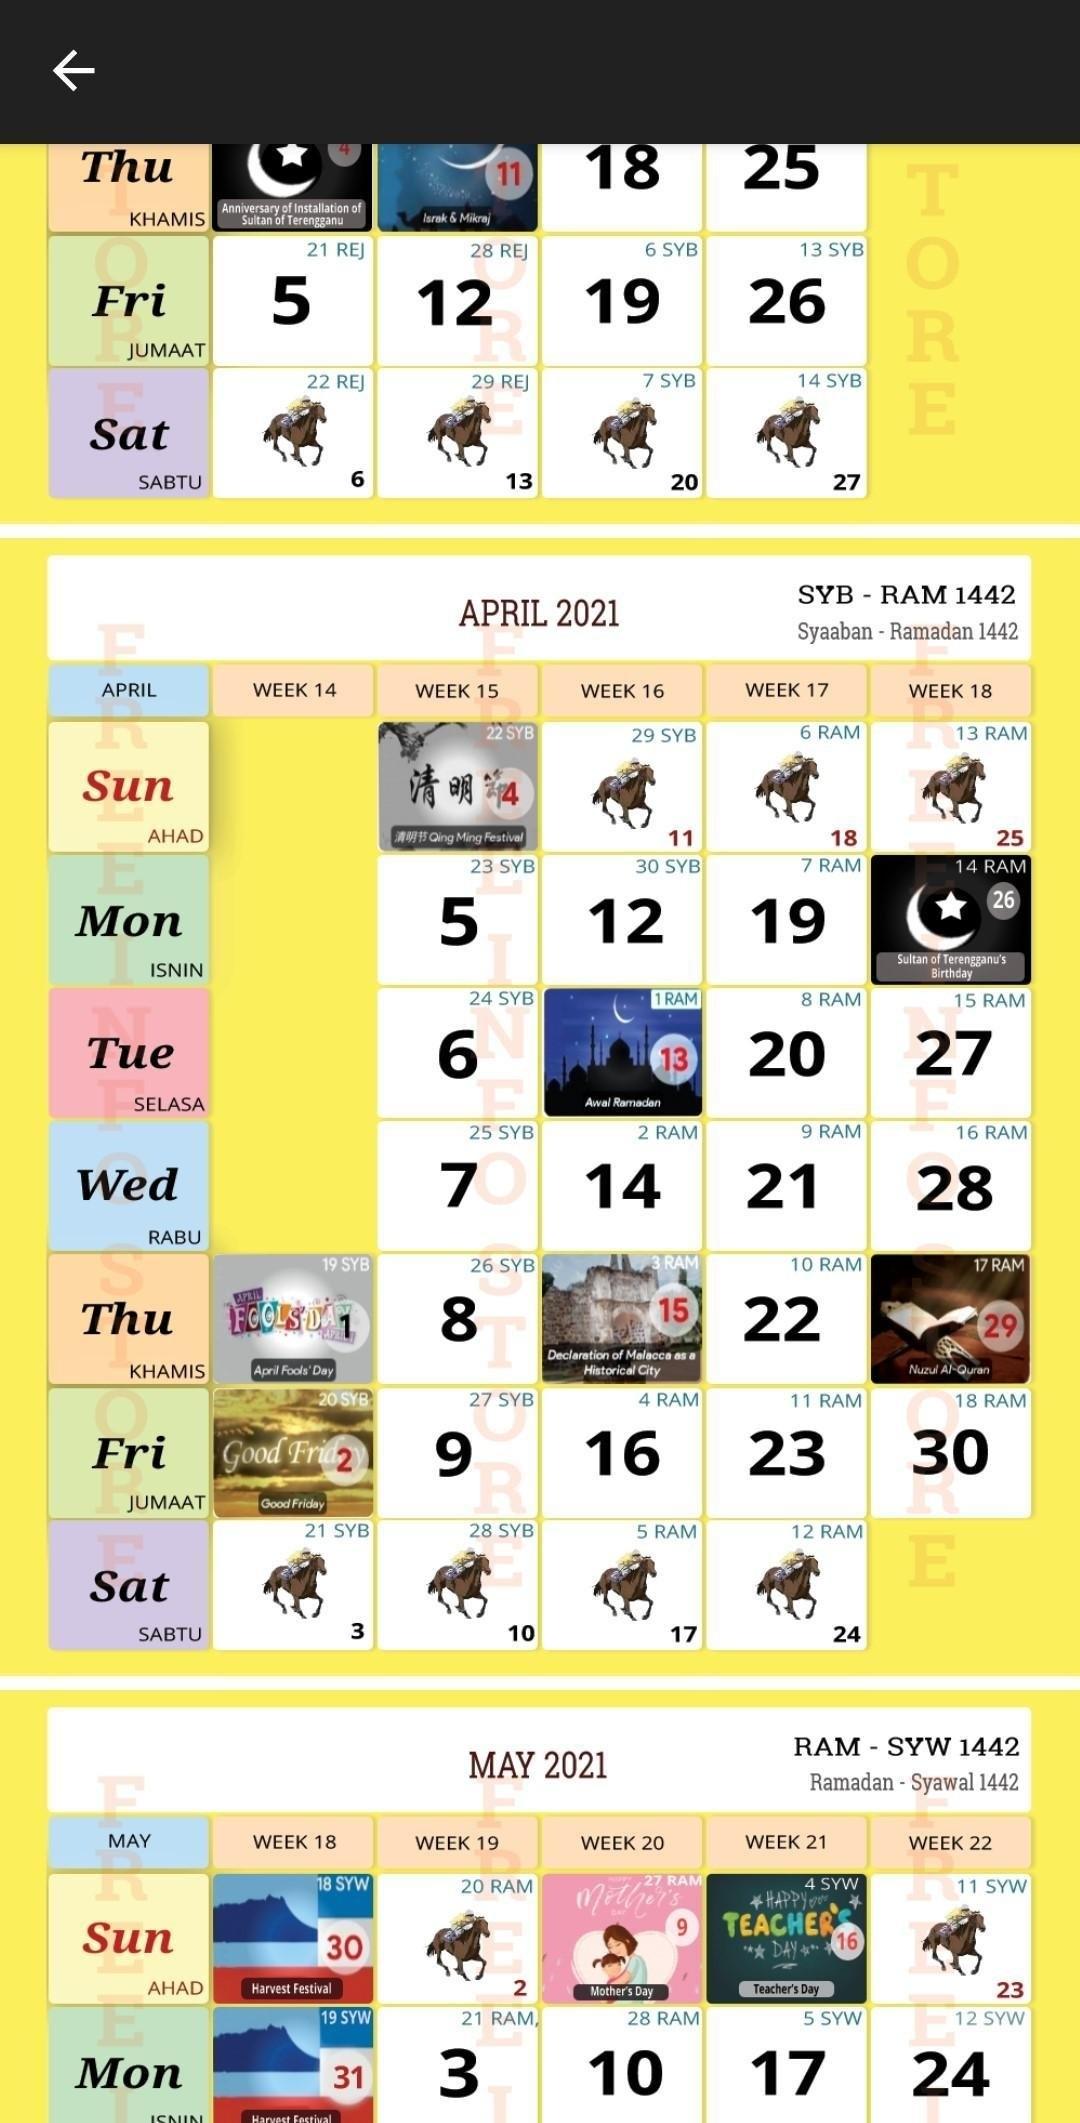 Kalendar Kuda 2021 For Android - Apk Download pertaining to Kalendar Kuda 2021 Cuti Sekolah Graphics